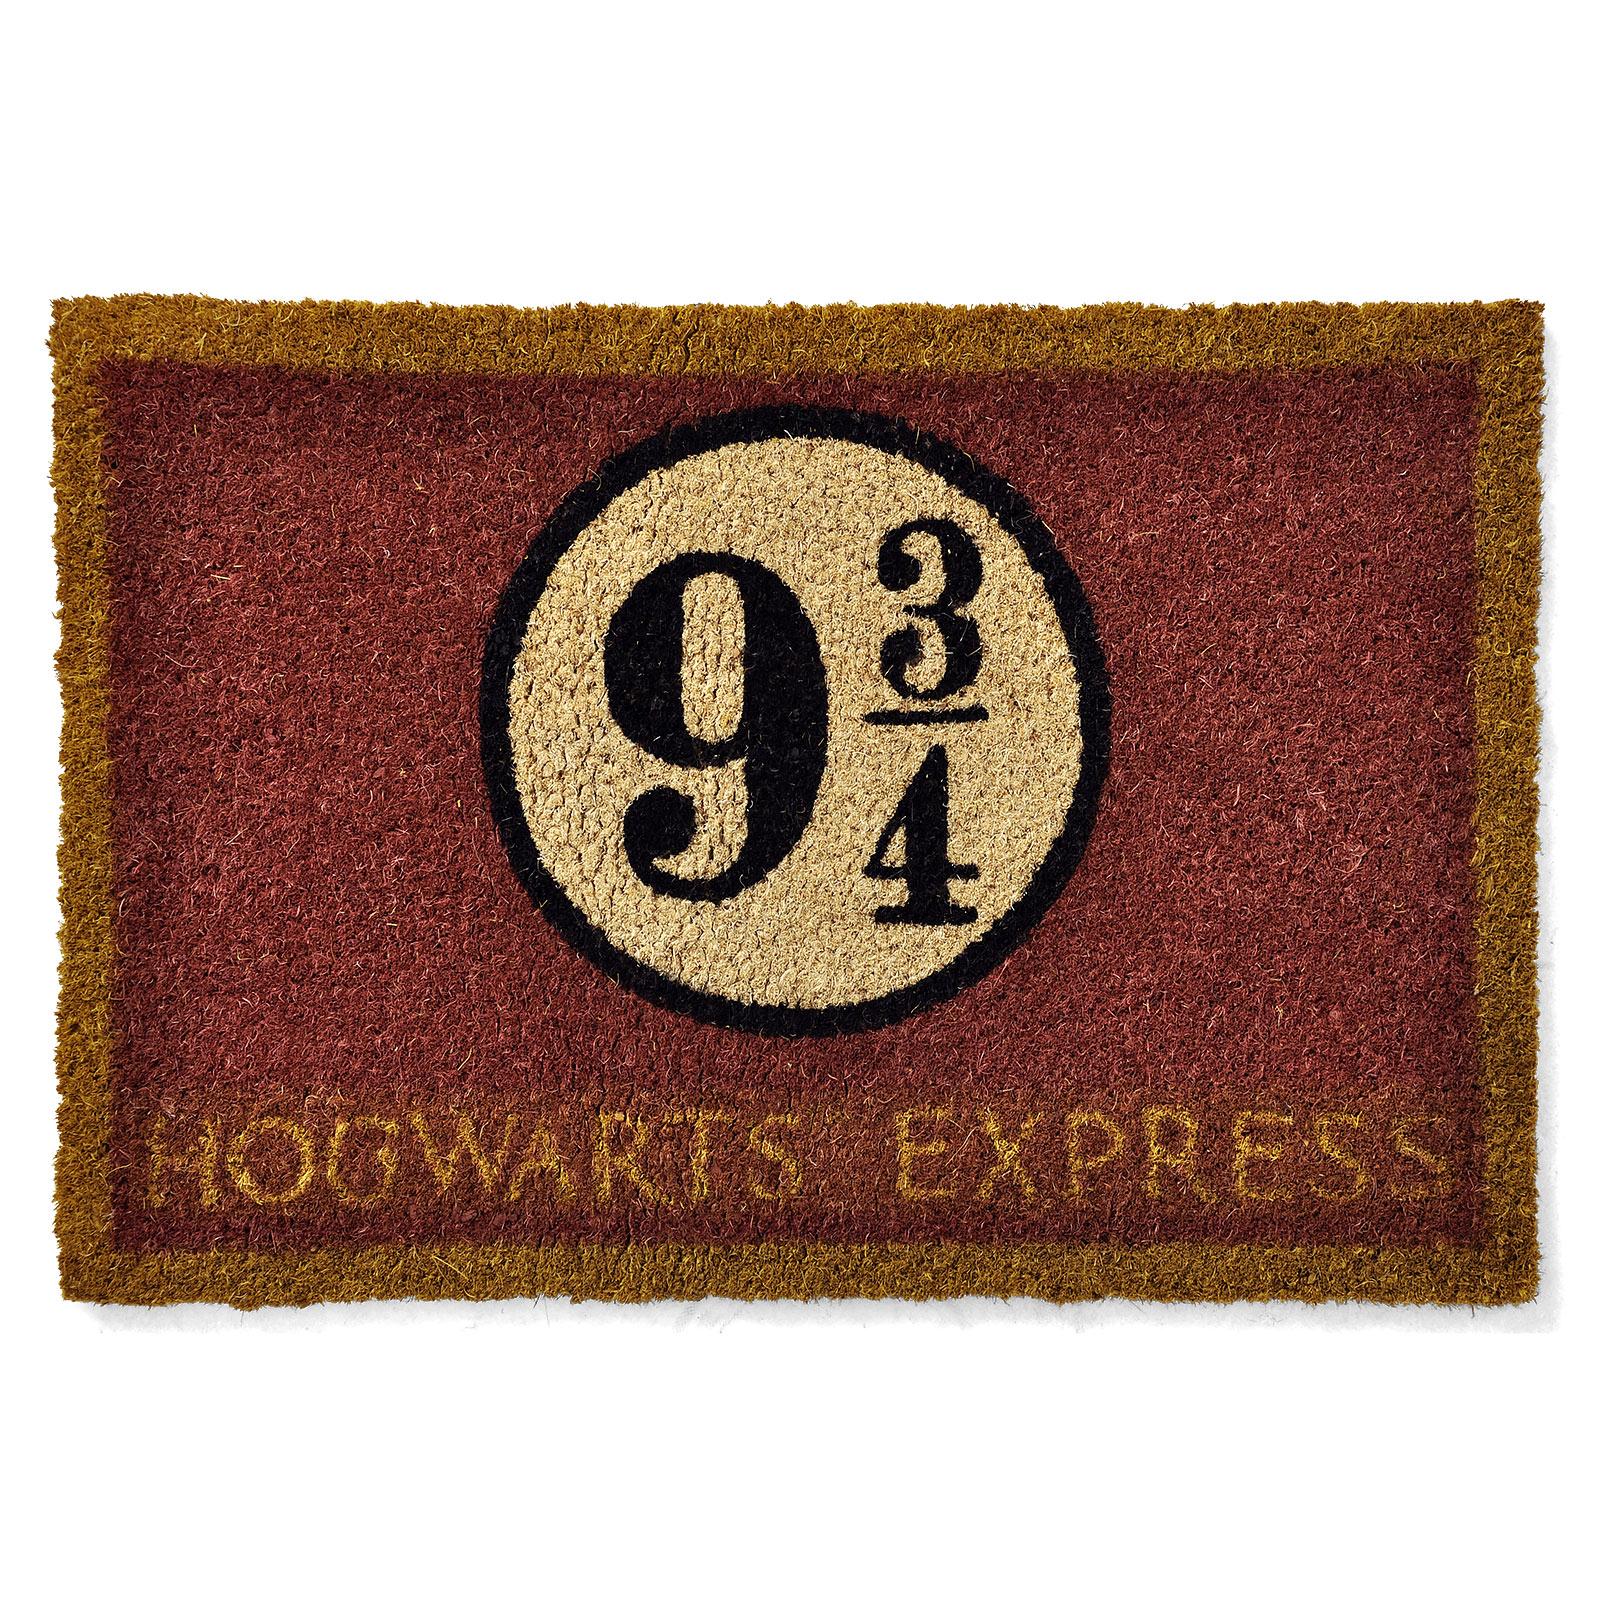 Harry Potter - 9 3/4 Hogwarts Express Fußmatte